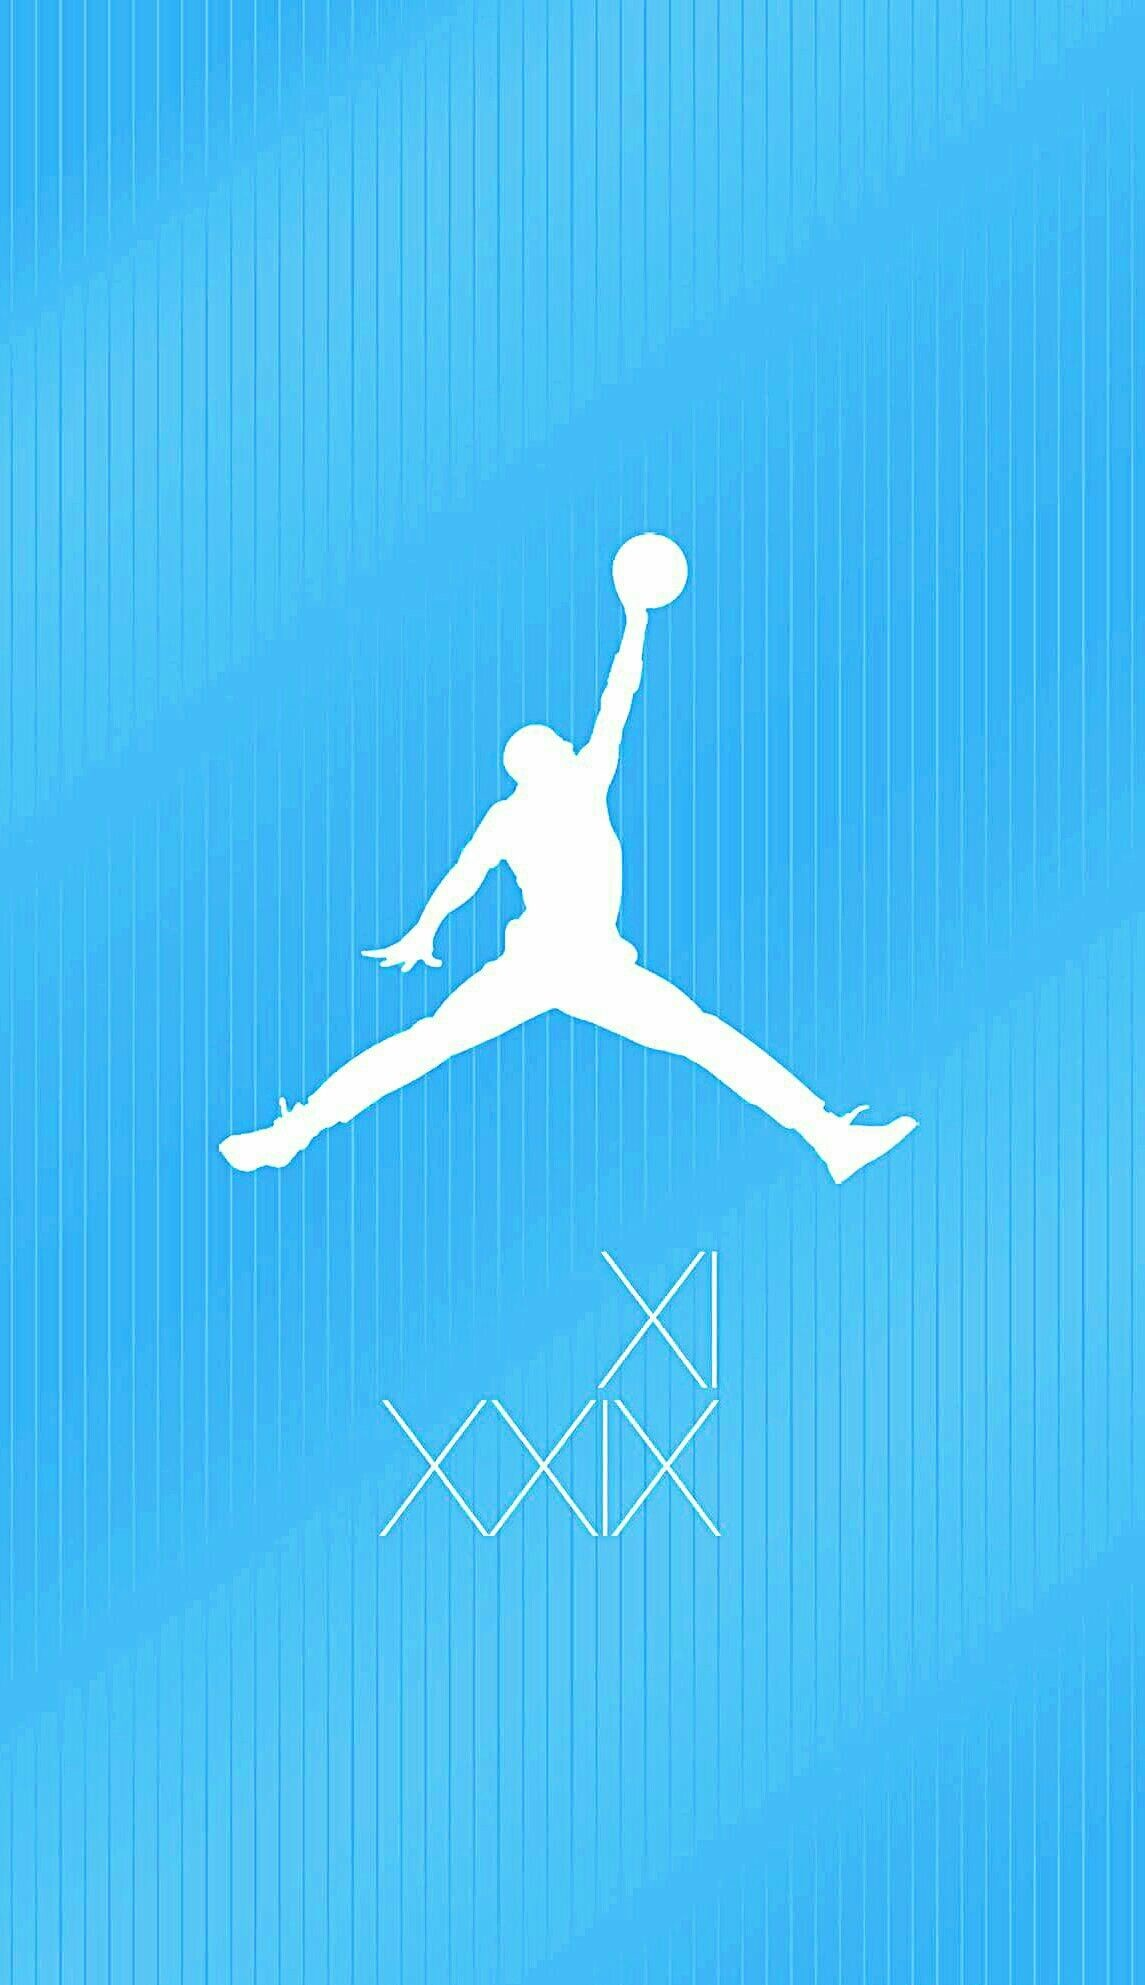 Jordan 23 Wallpaper 77 Images